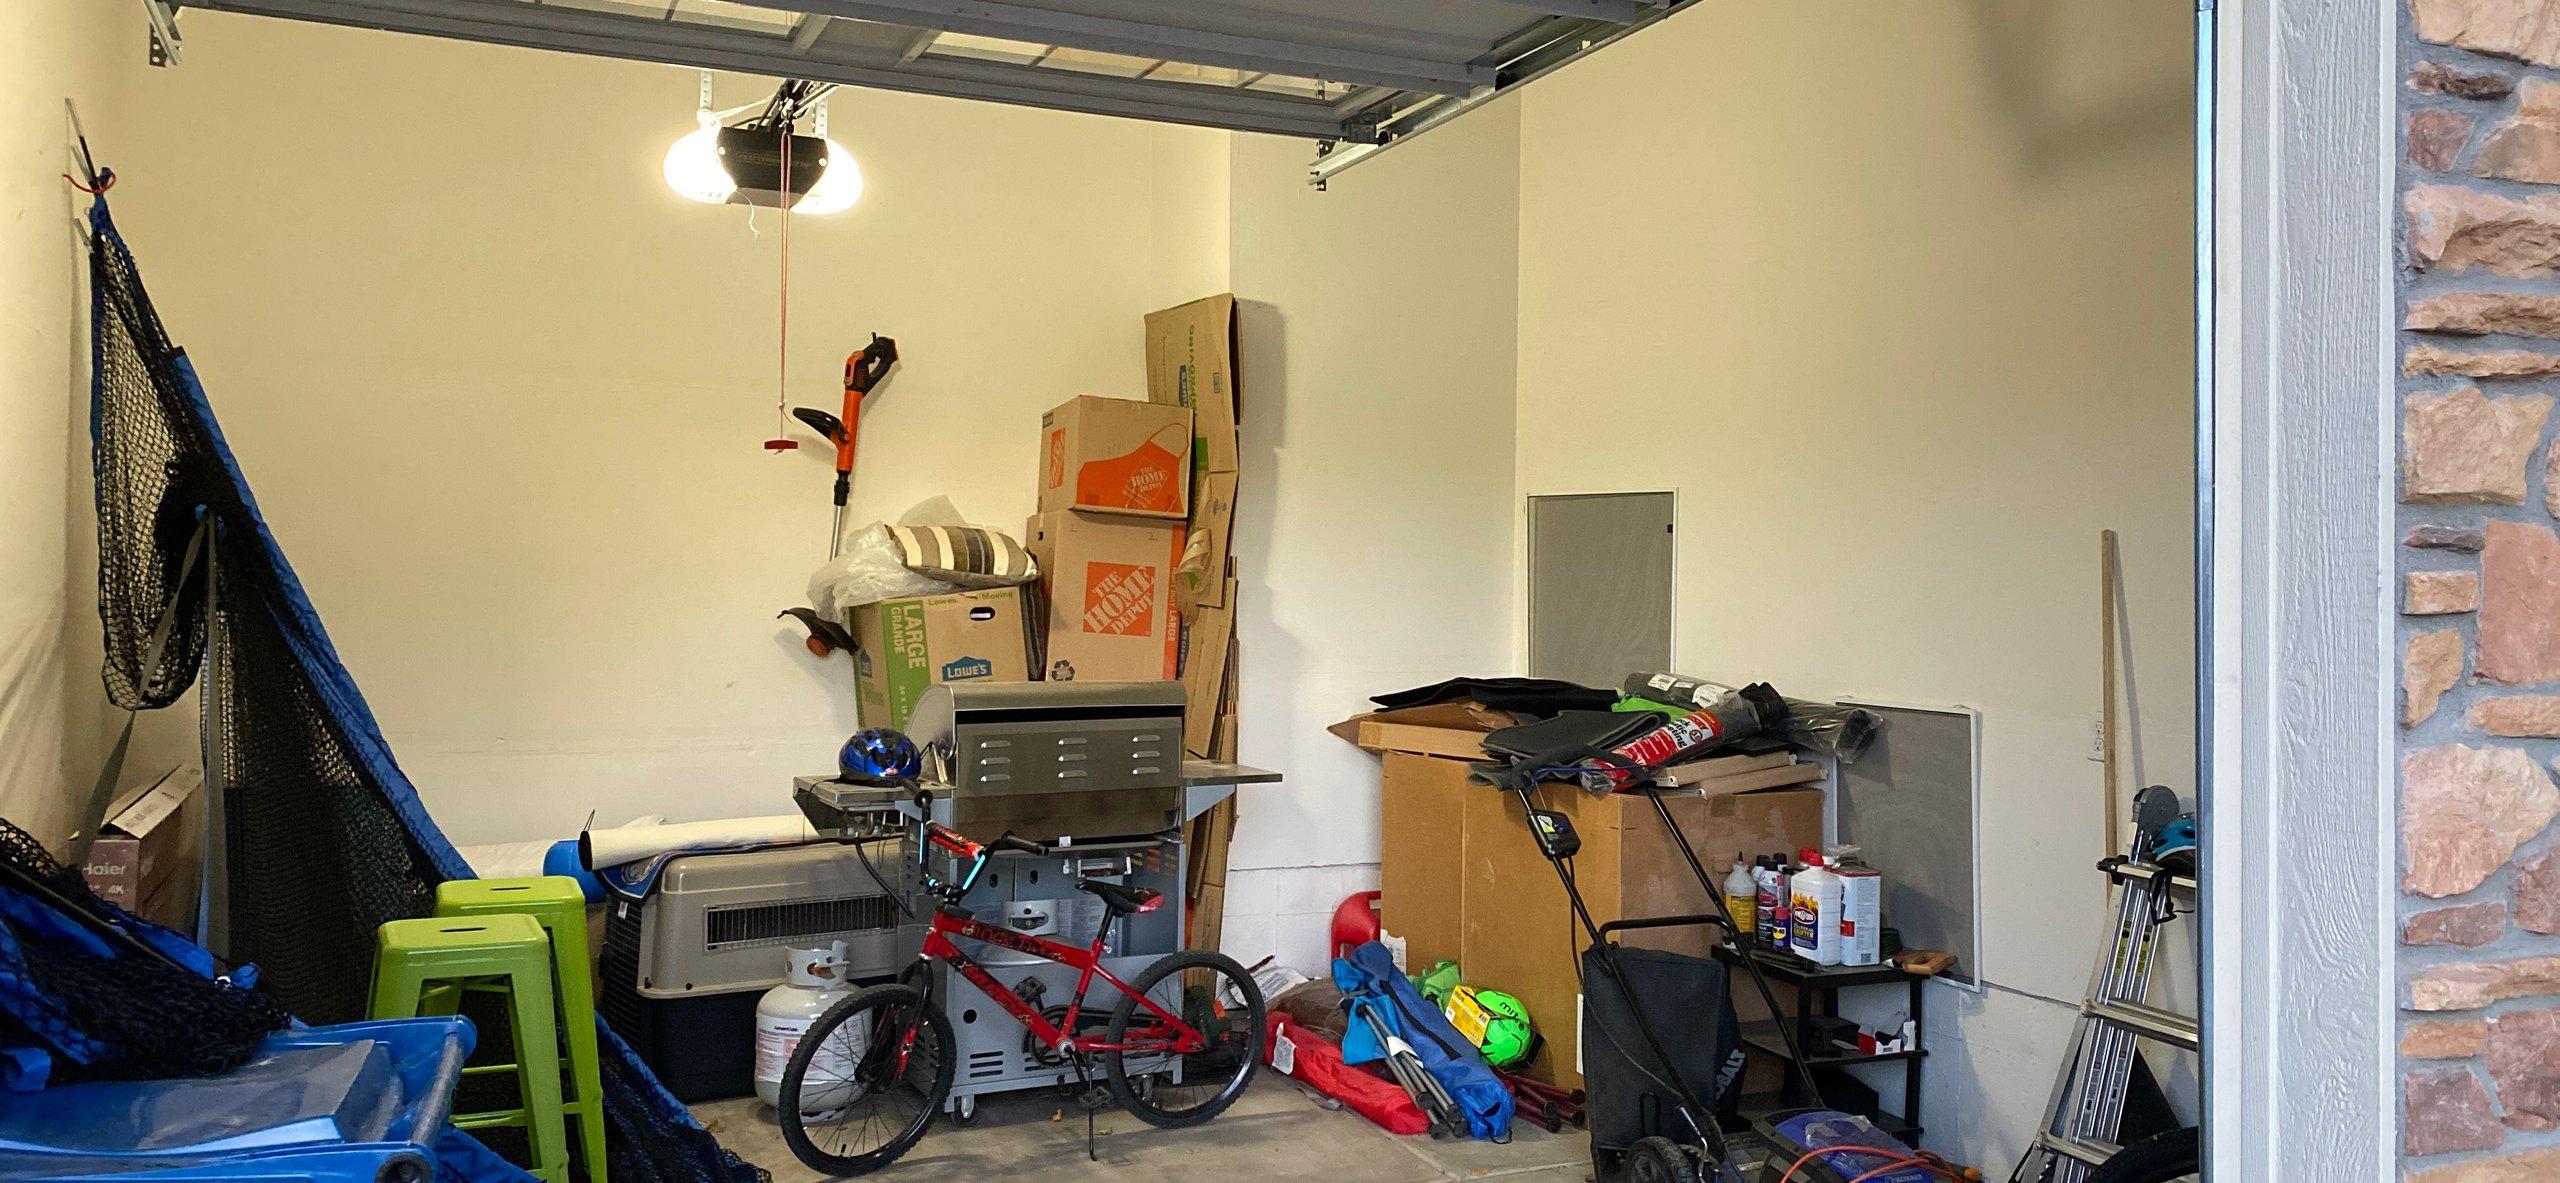 16x14 Garage self storage unit